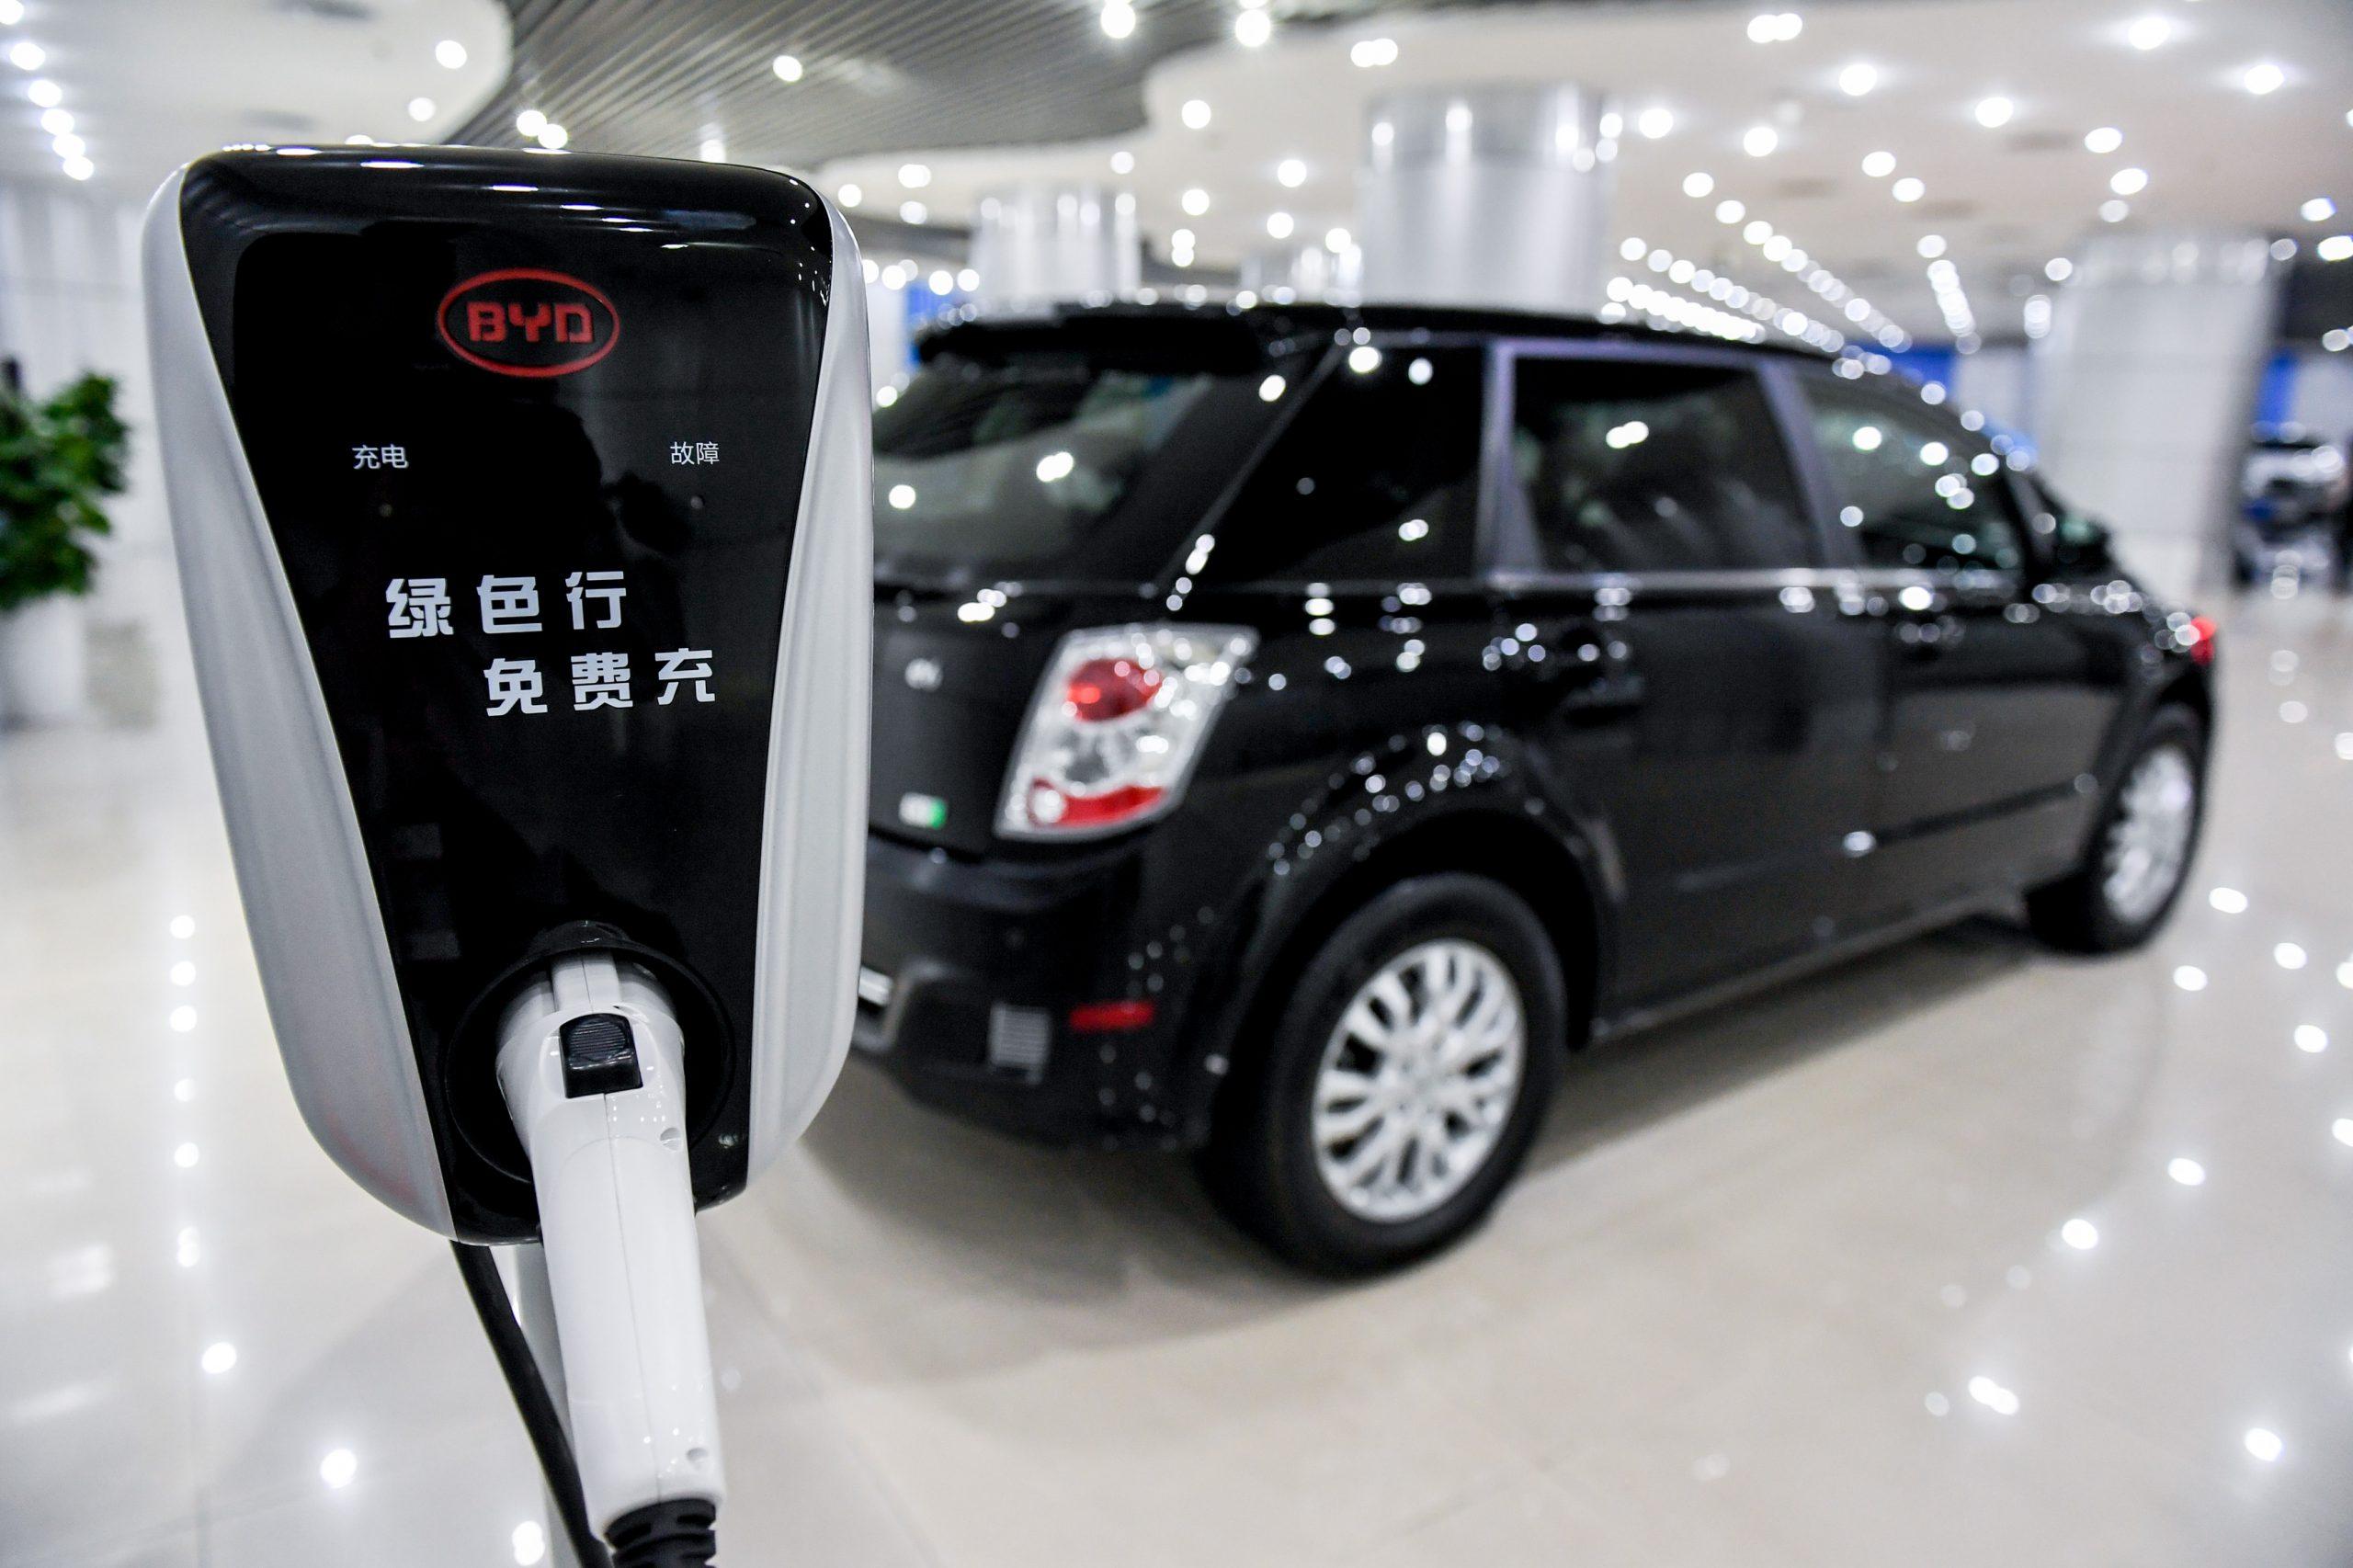 Ventas de vehículos de nueva energía de China aumentarán un 54% en 2021, según informe